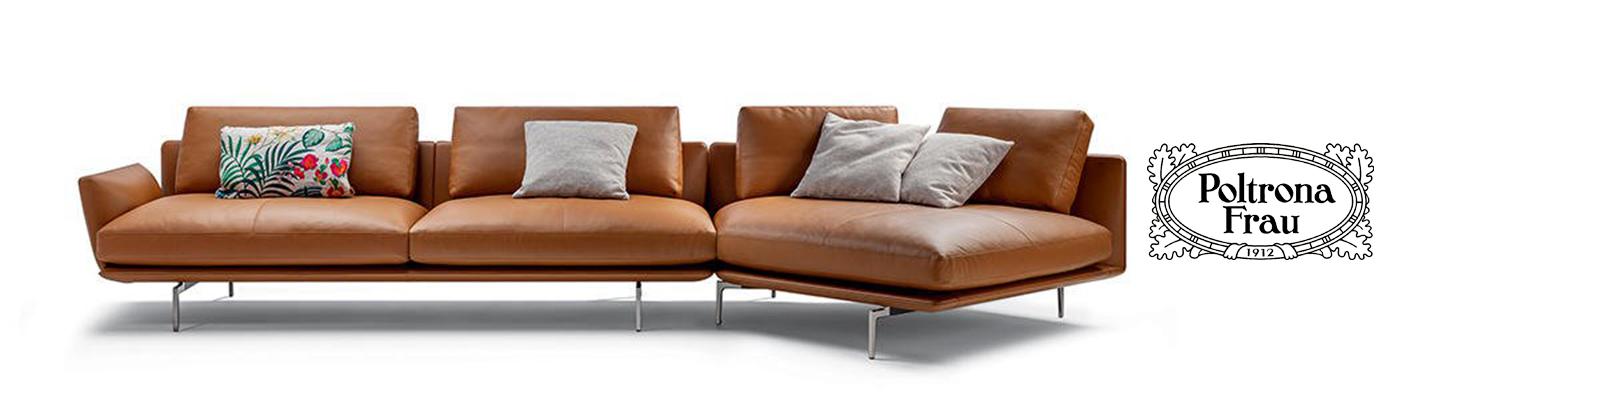 Divano Poltrona In Pelle.Sofa Get Back Divano Poltrona Frau Pelle Leather Design Original